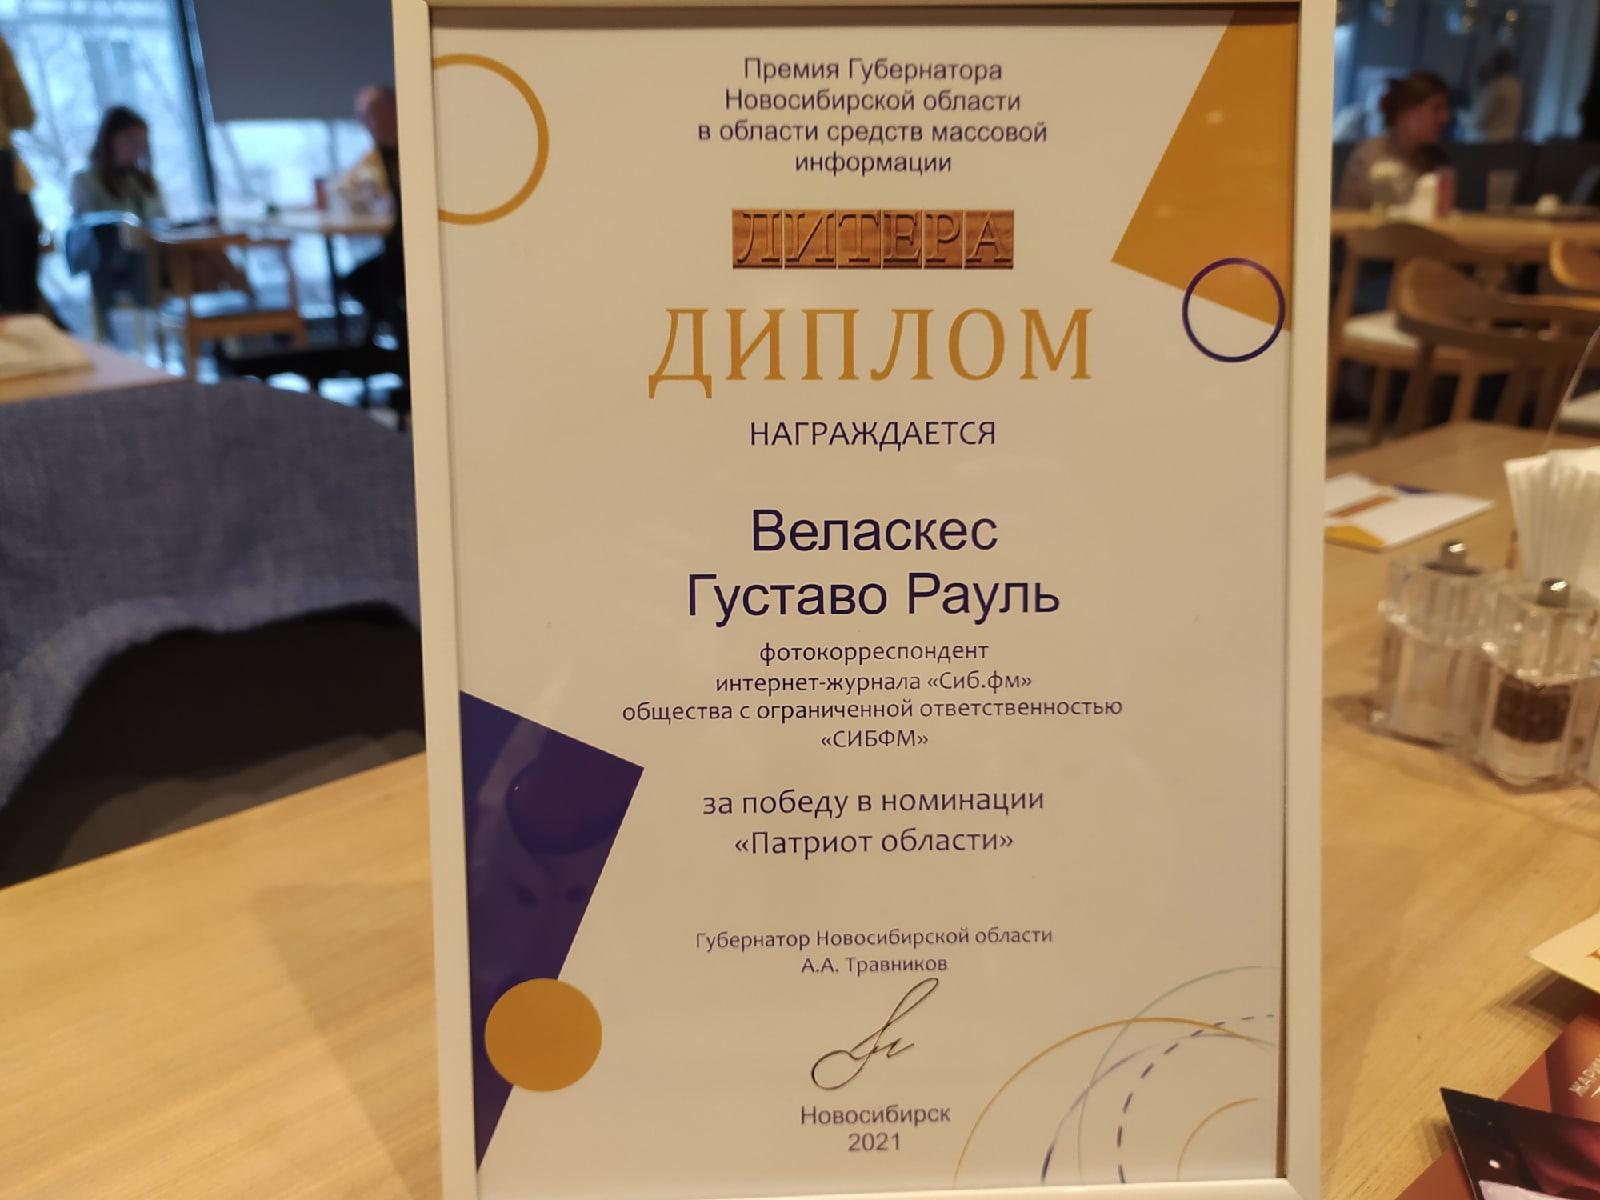 фото Фотокорреспондент Сиб.фм Густаво Зырянов стал победителем в номинации премии губернатора Новосибирской области 2